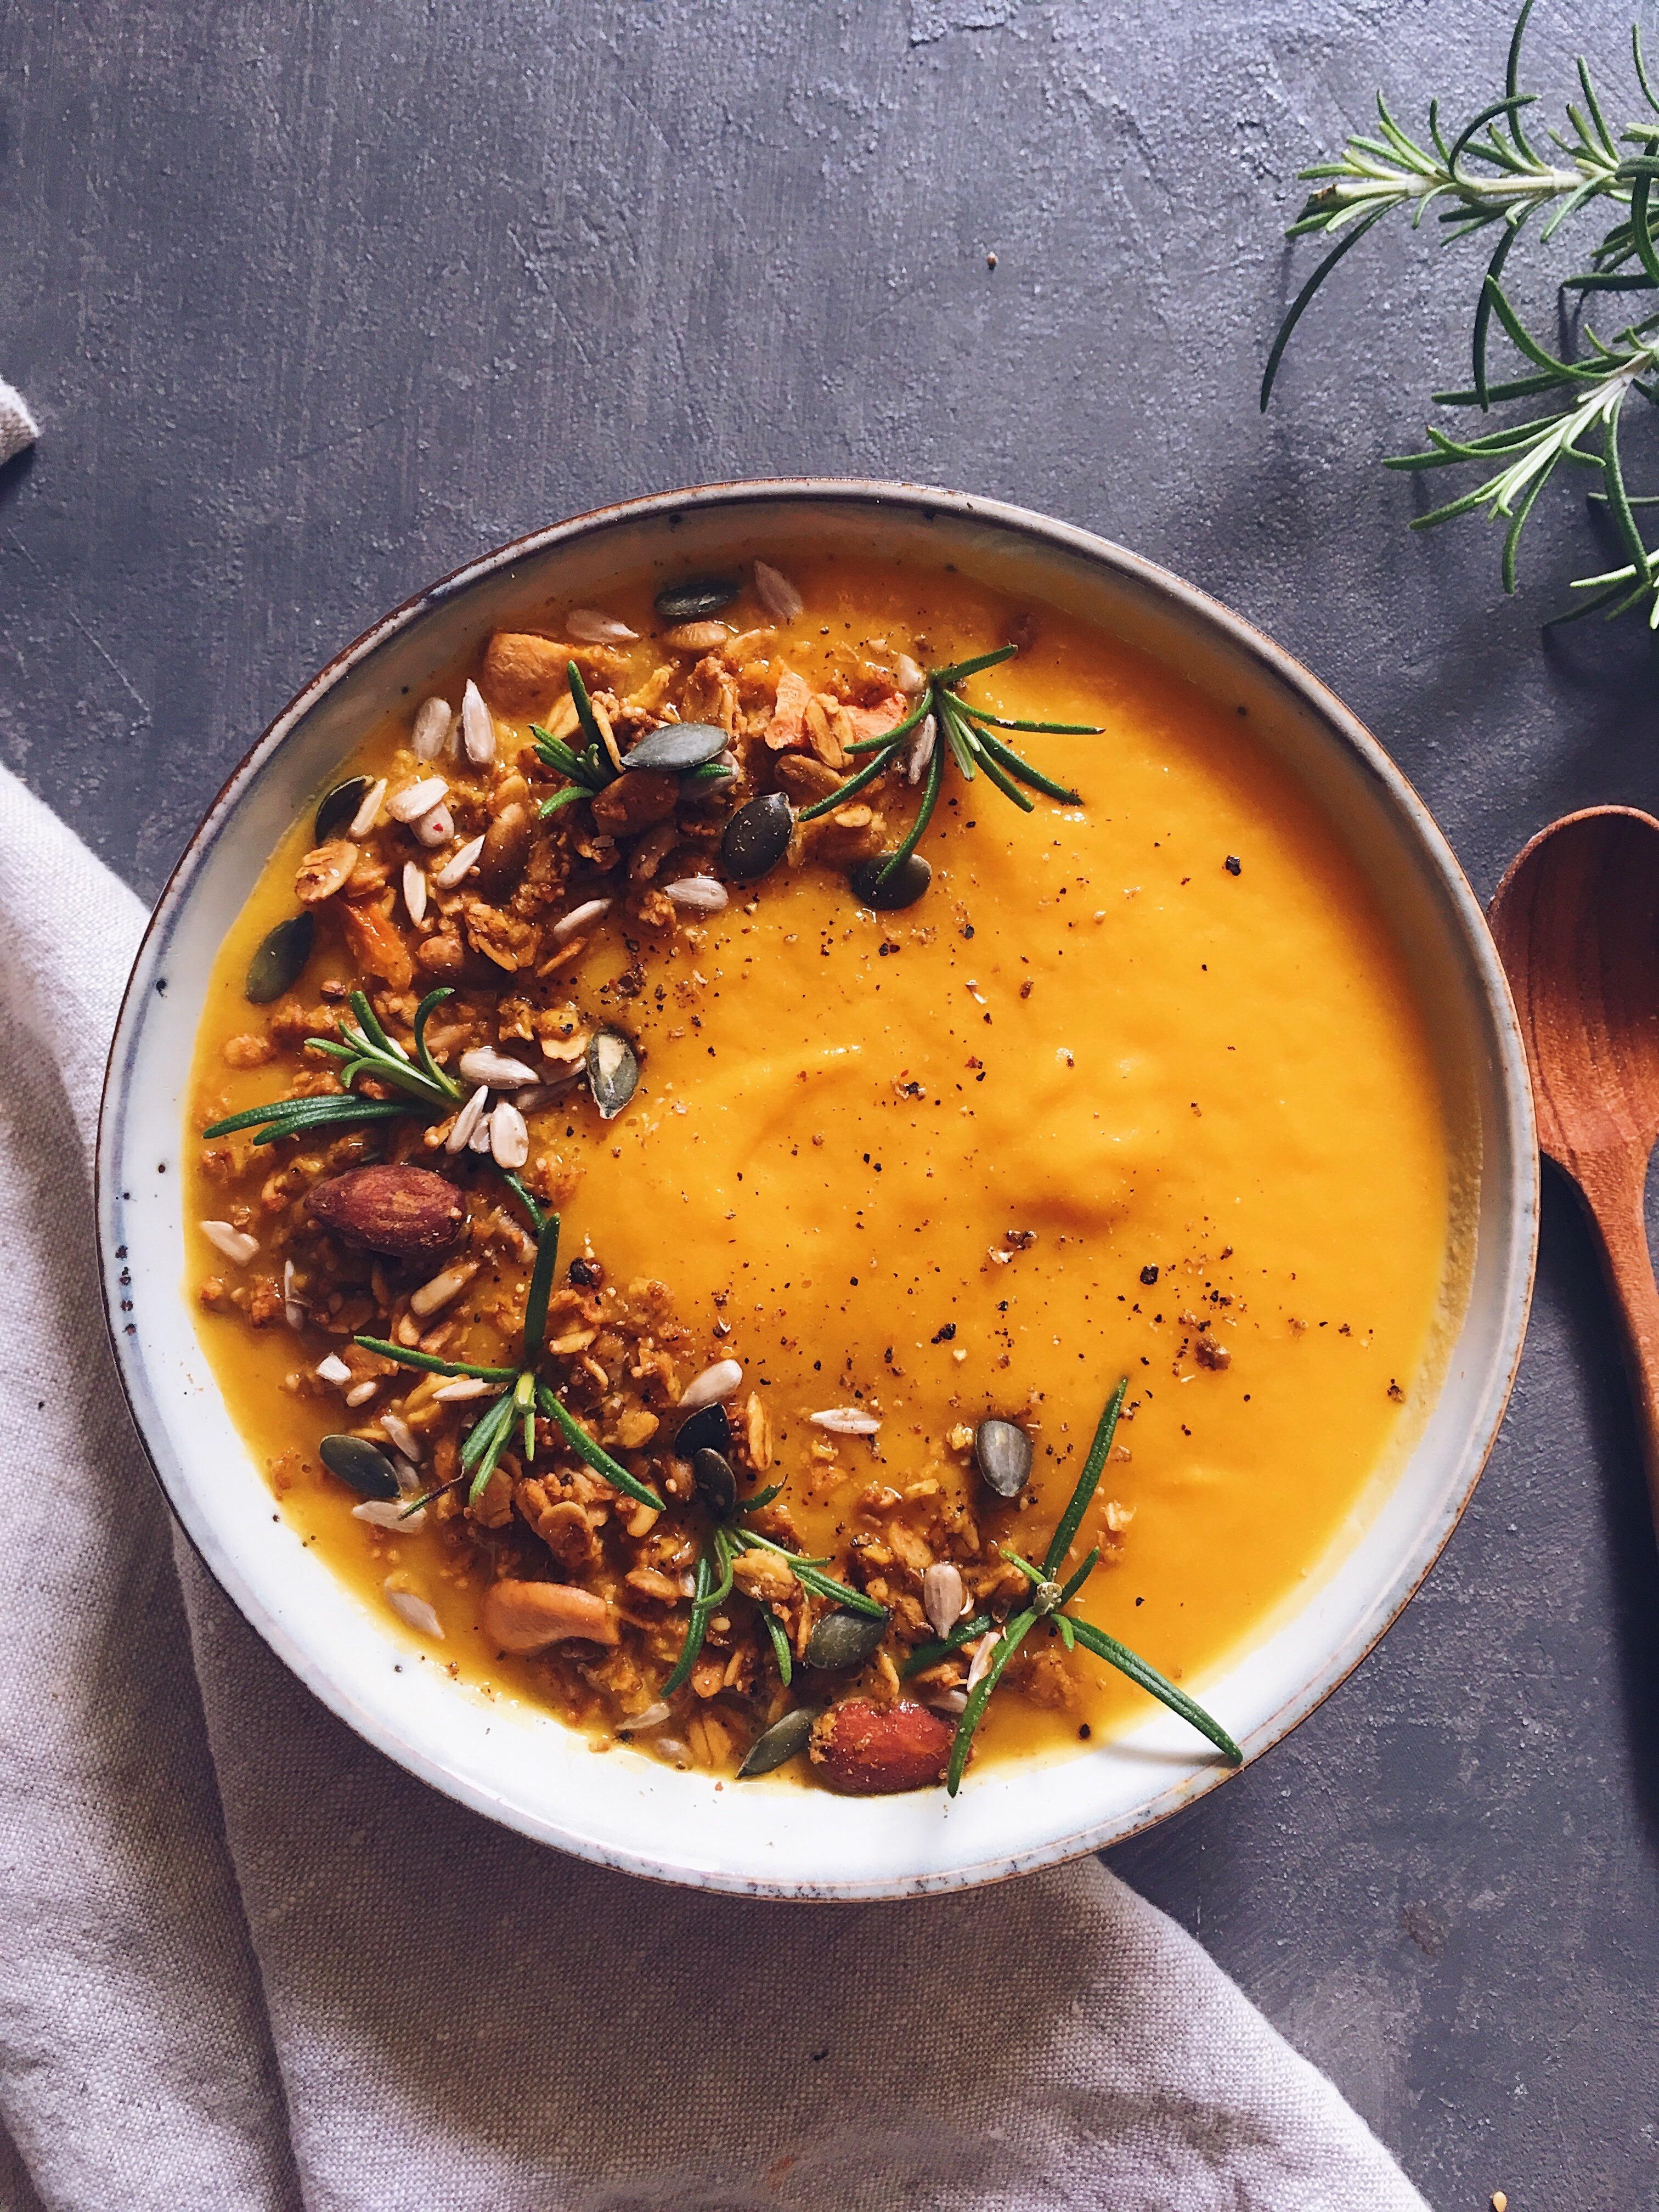 Soupe Poireau Carotte Pomme De Terre : soupe, poireau, carotte, pomme, terre, Soupe, Courge, Butternut,, Carottes, Poireaux, Clemfoodie